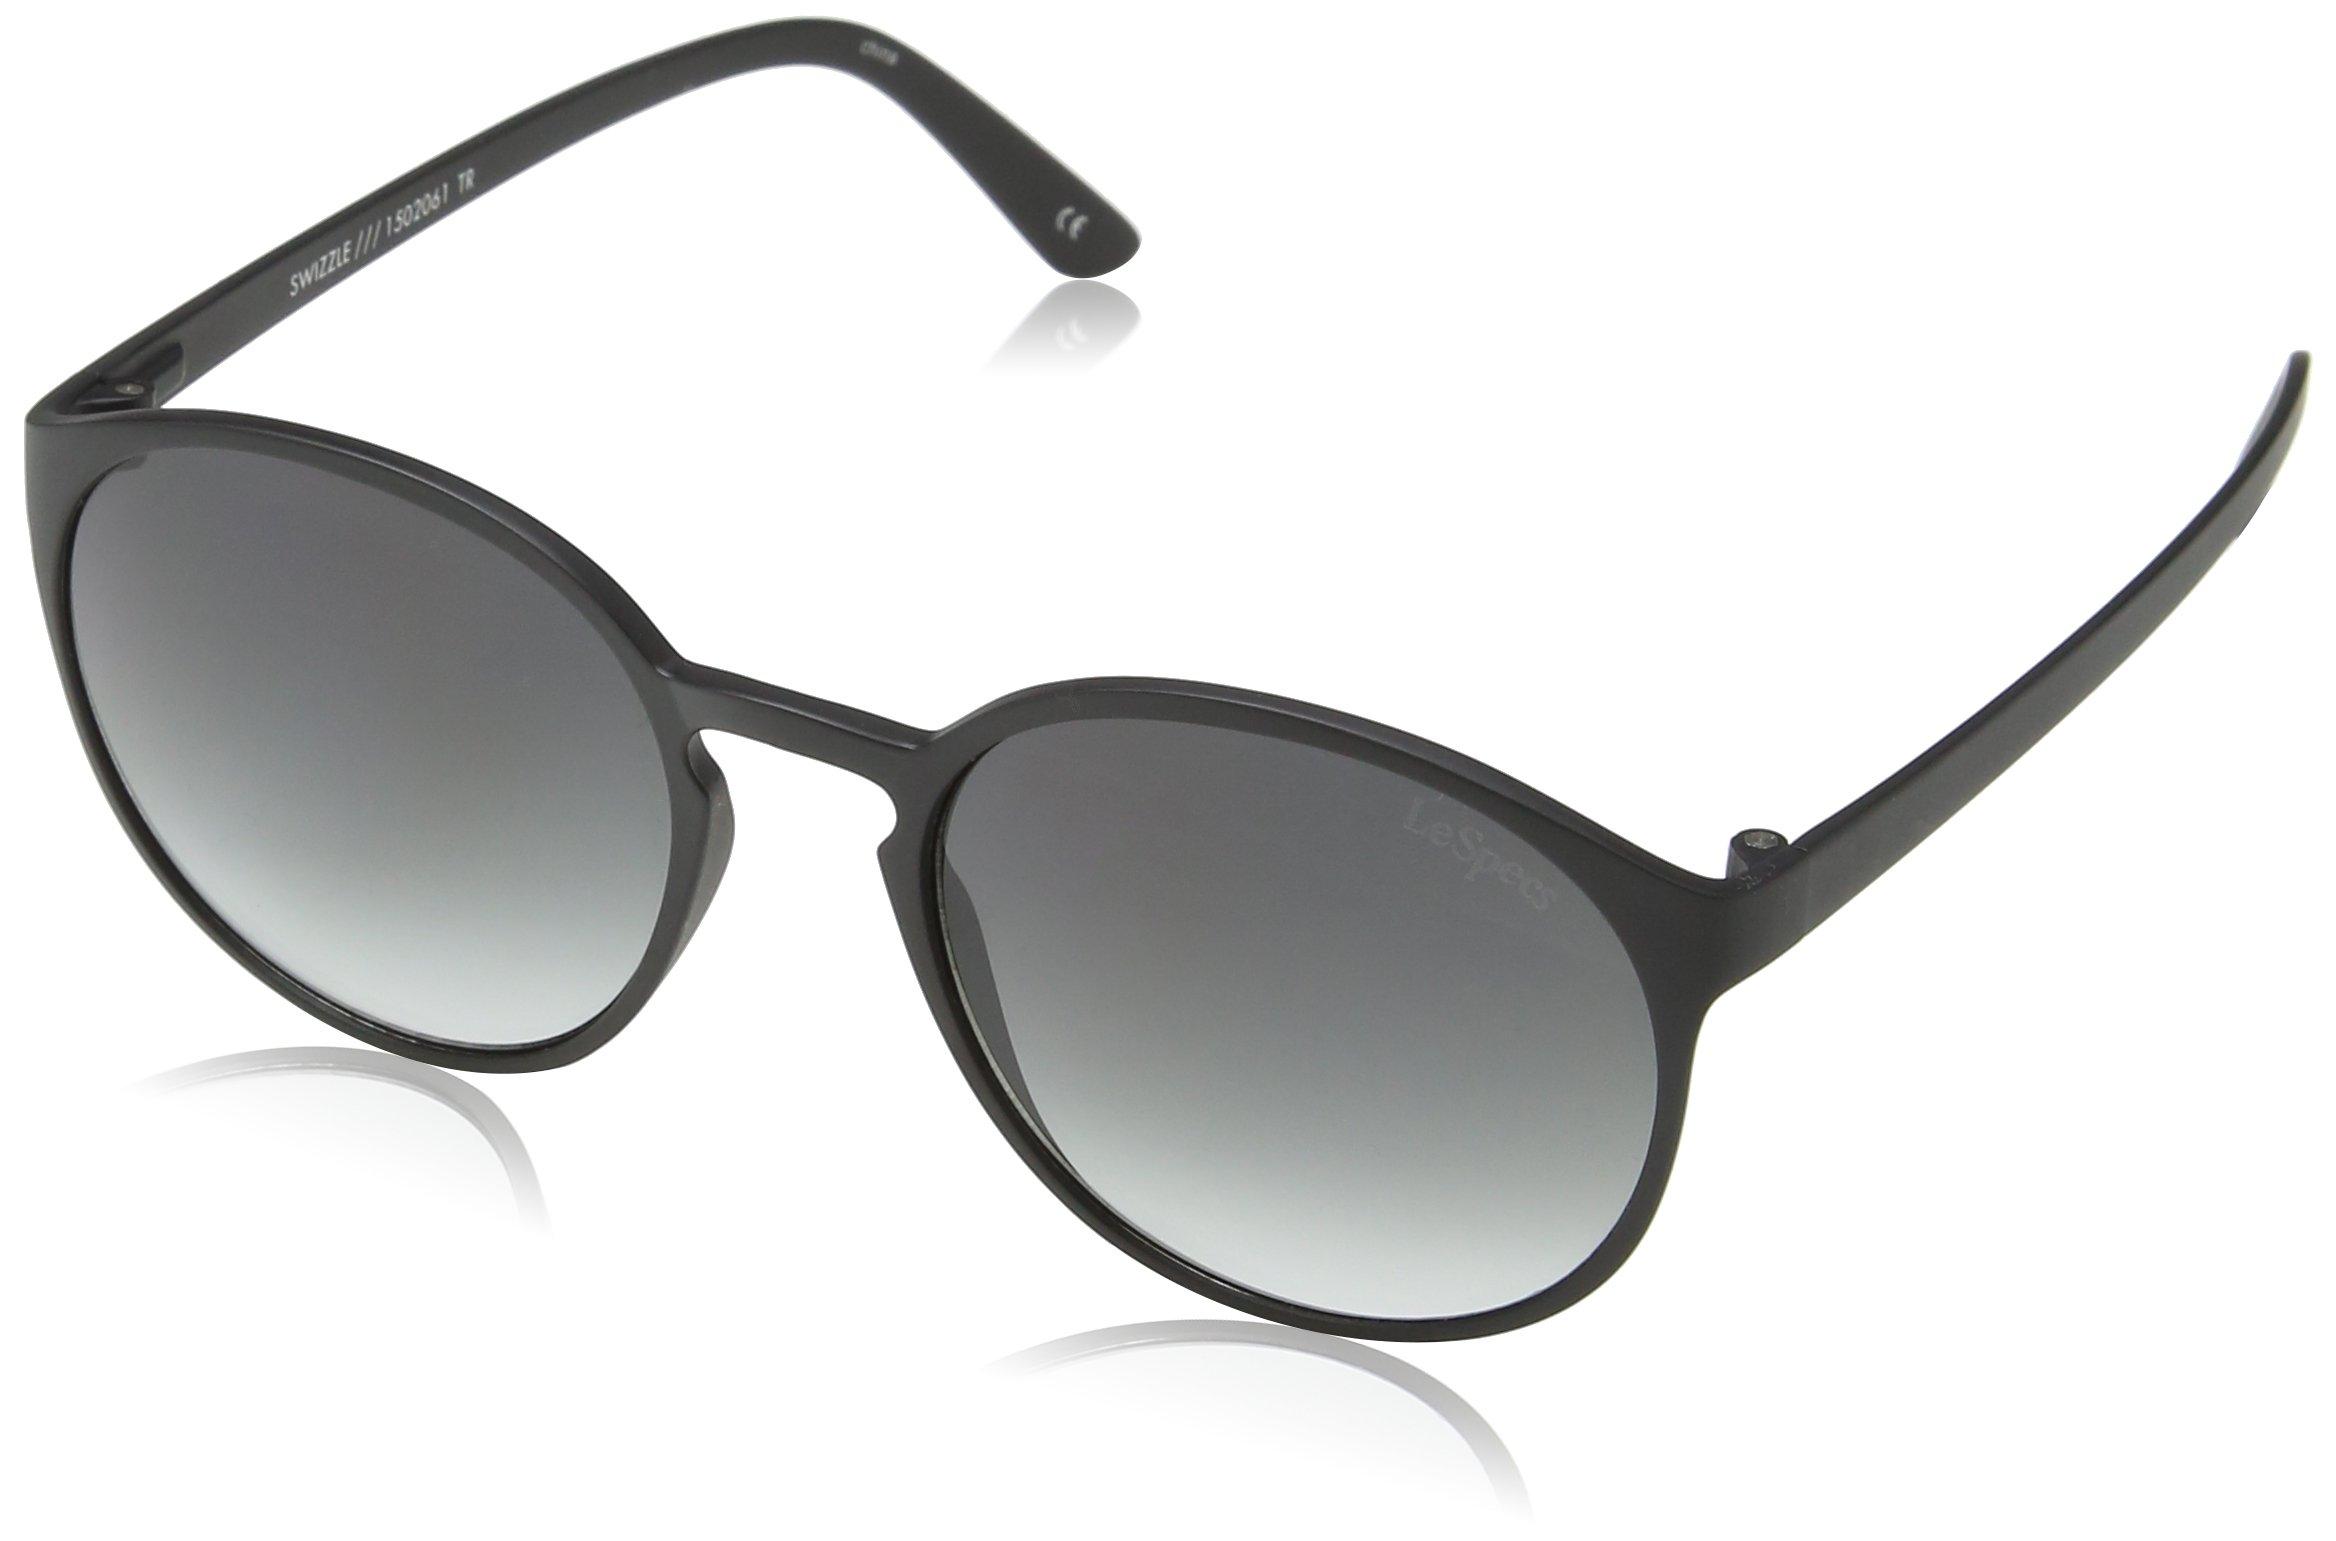 Le Specs Unisex Swizzle Matte Black One Size by Le Specs